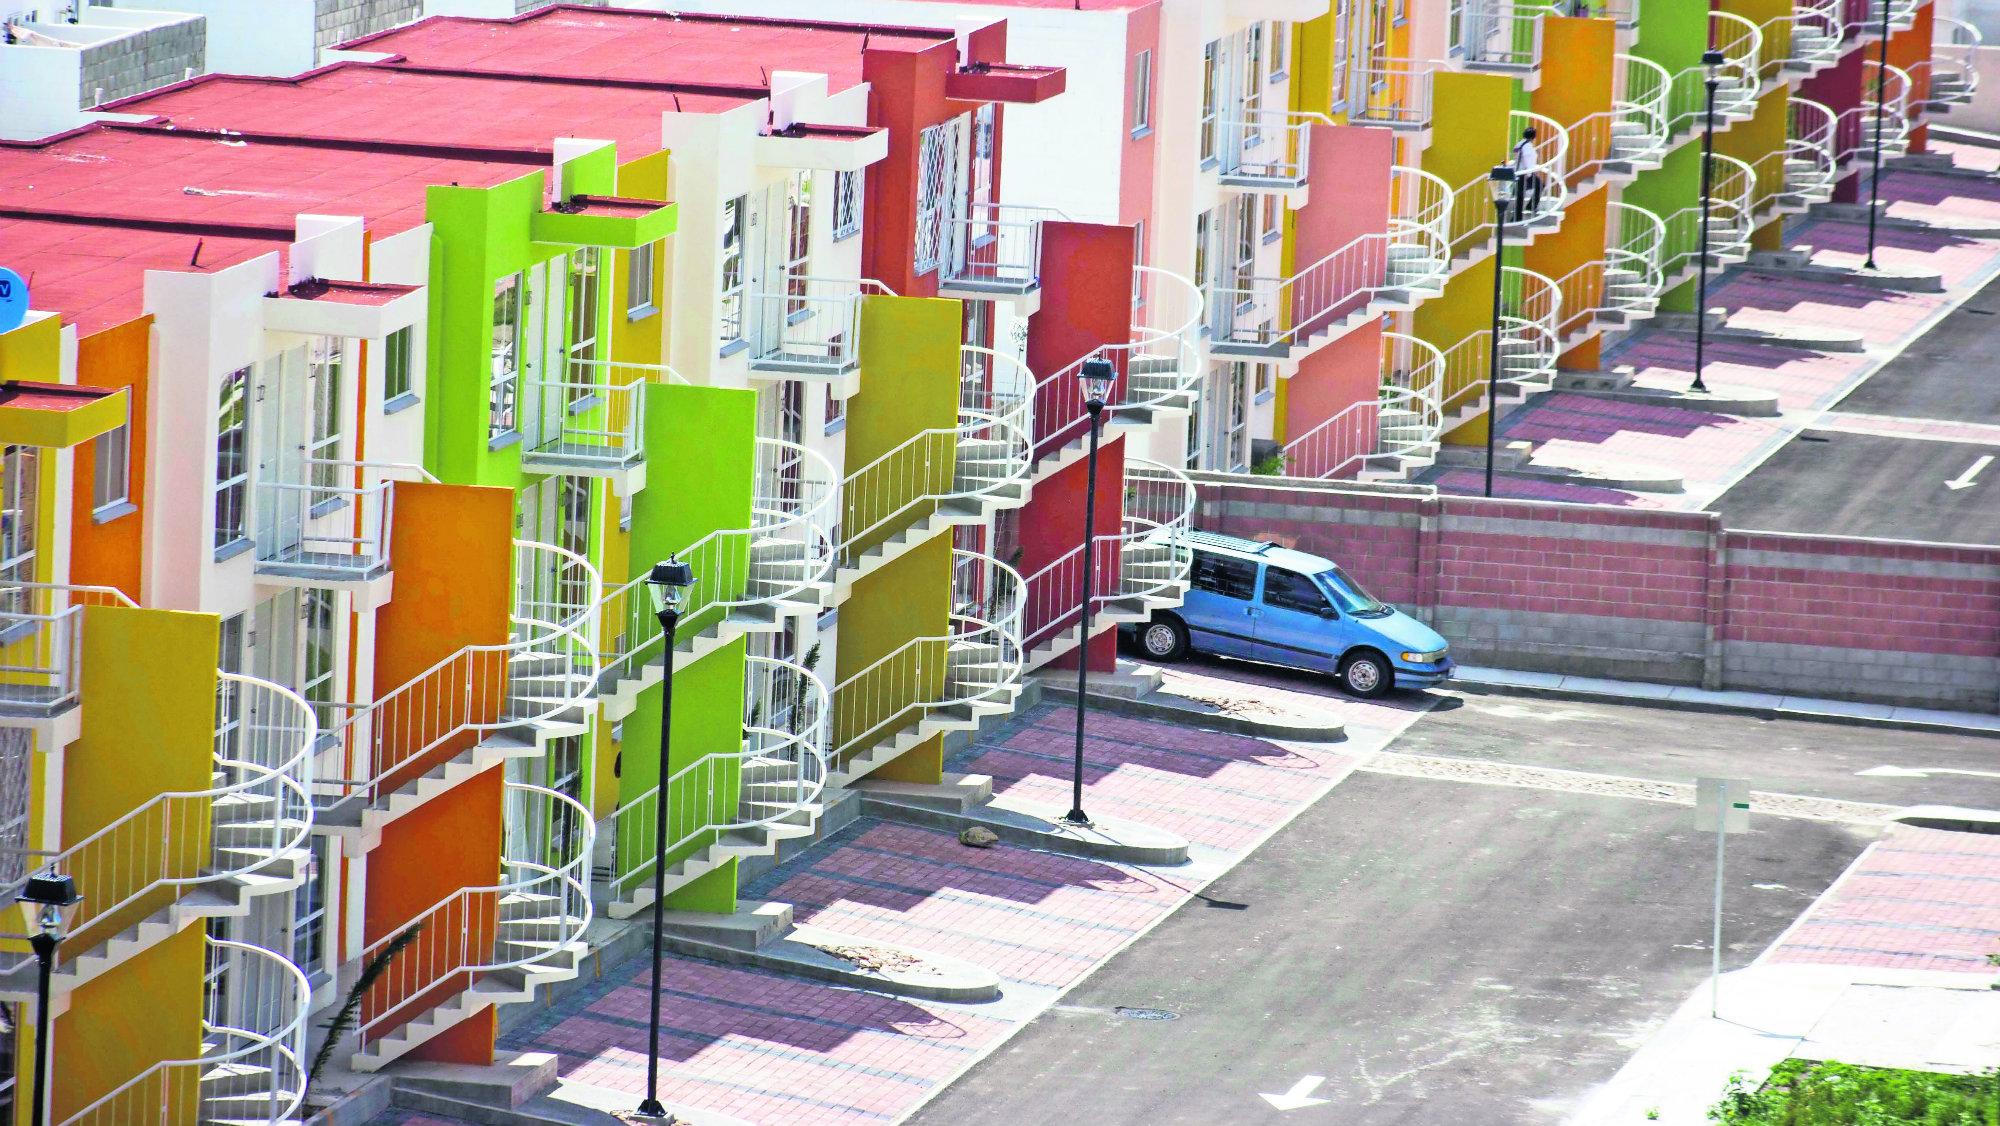 Desplome de viviendas Cuarta transformación Subsidio a viviendas AMLO